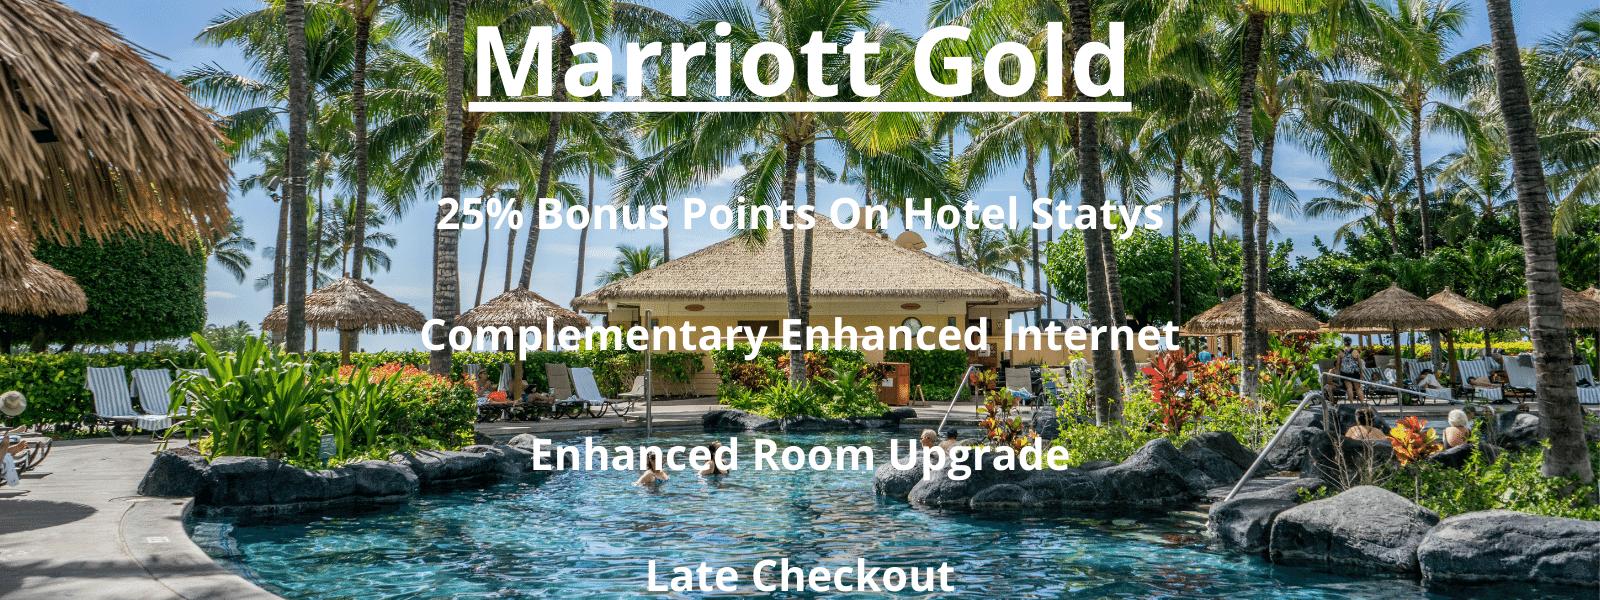 Marriott Hotel Status - Marriott Gold